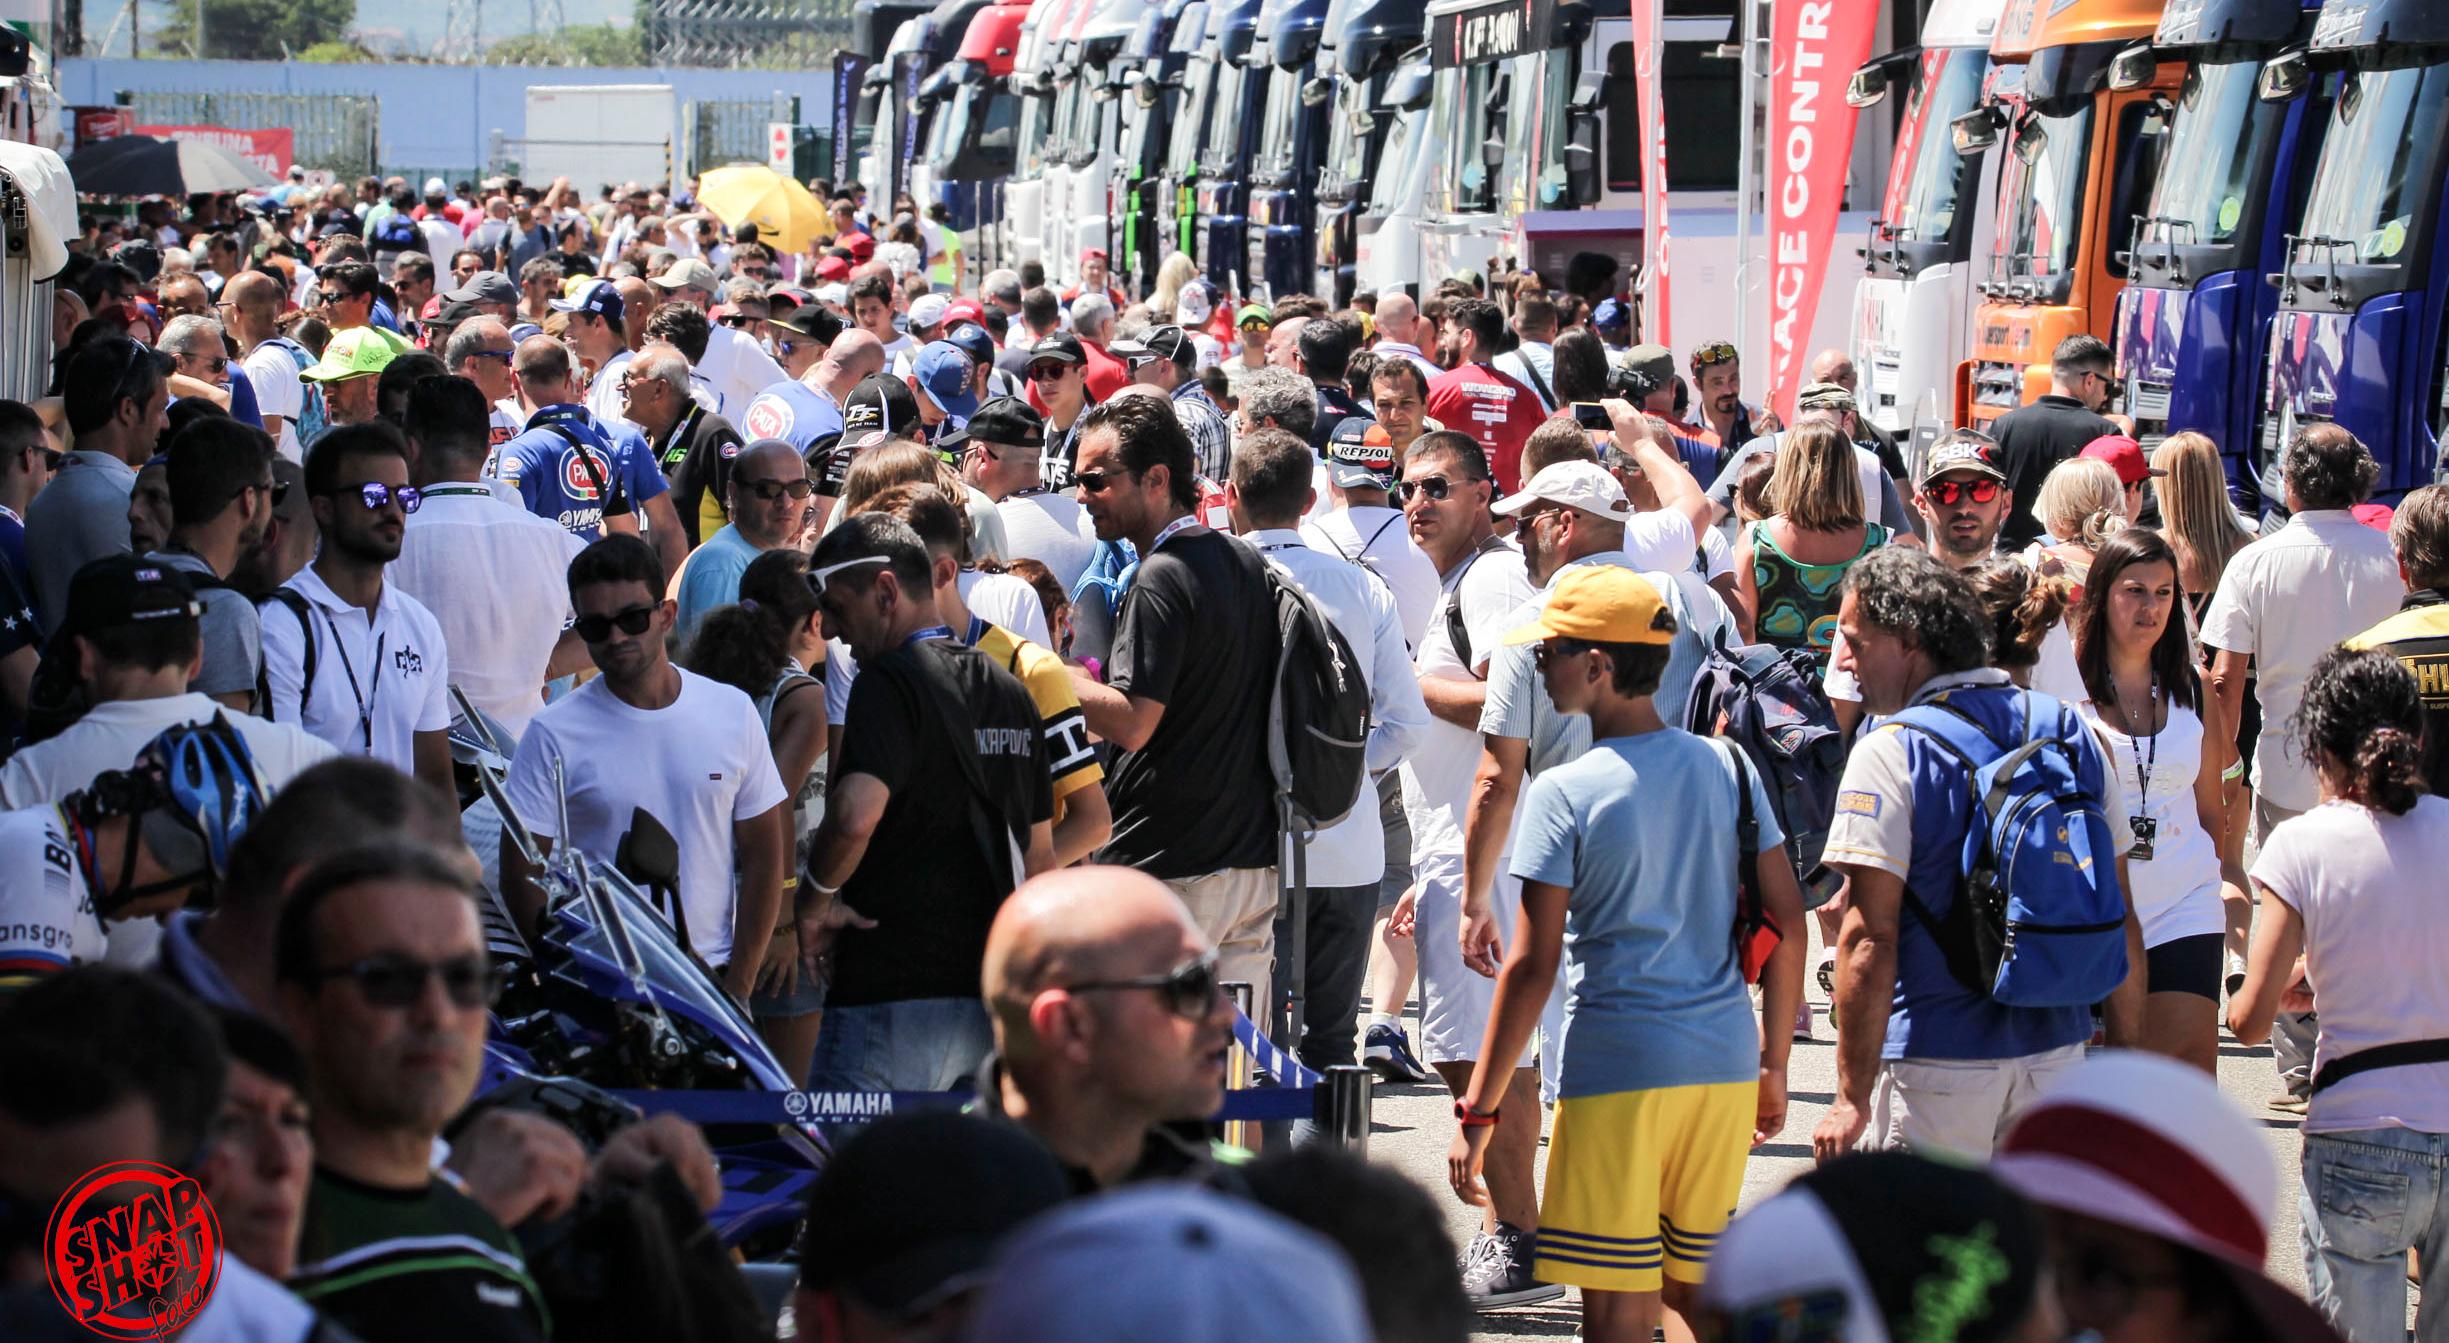 Al Misano World Circuit un fine settimana di emozioni e spettacolo con Superbike e Notte Rosa.